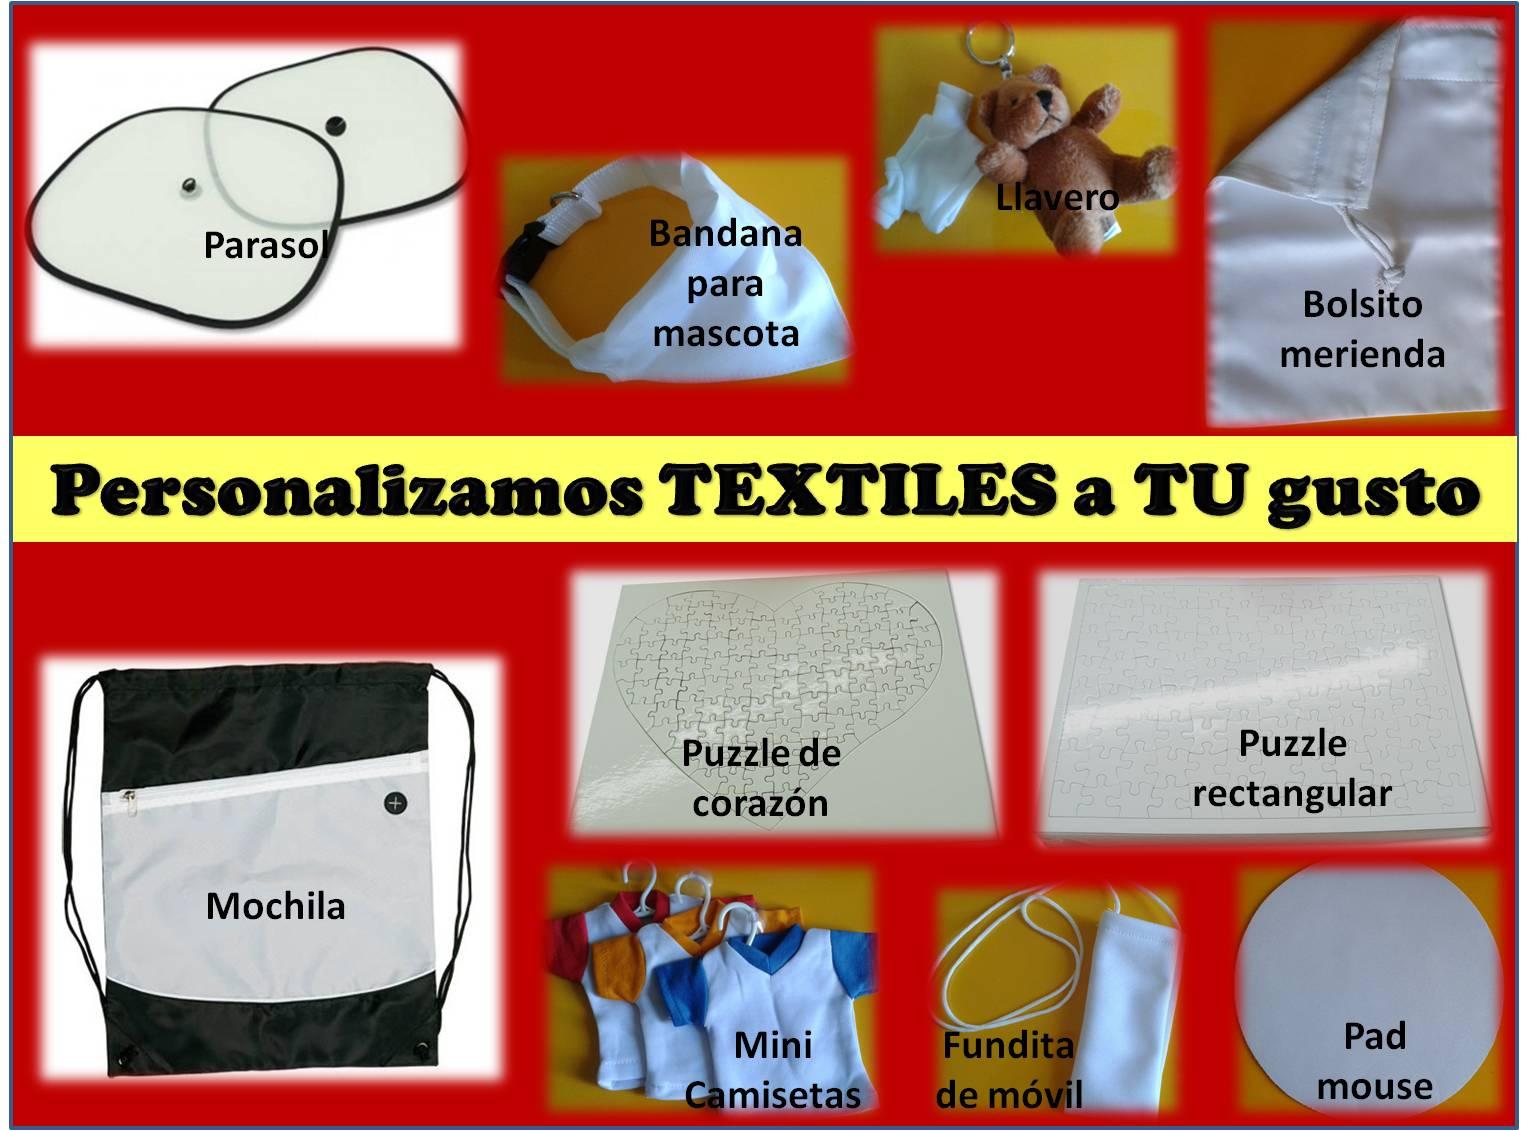 a publi textiles nov 15